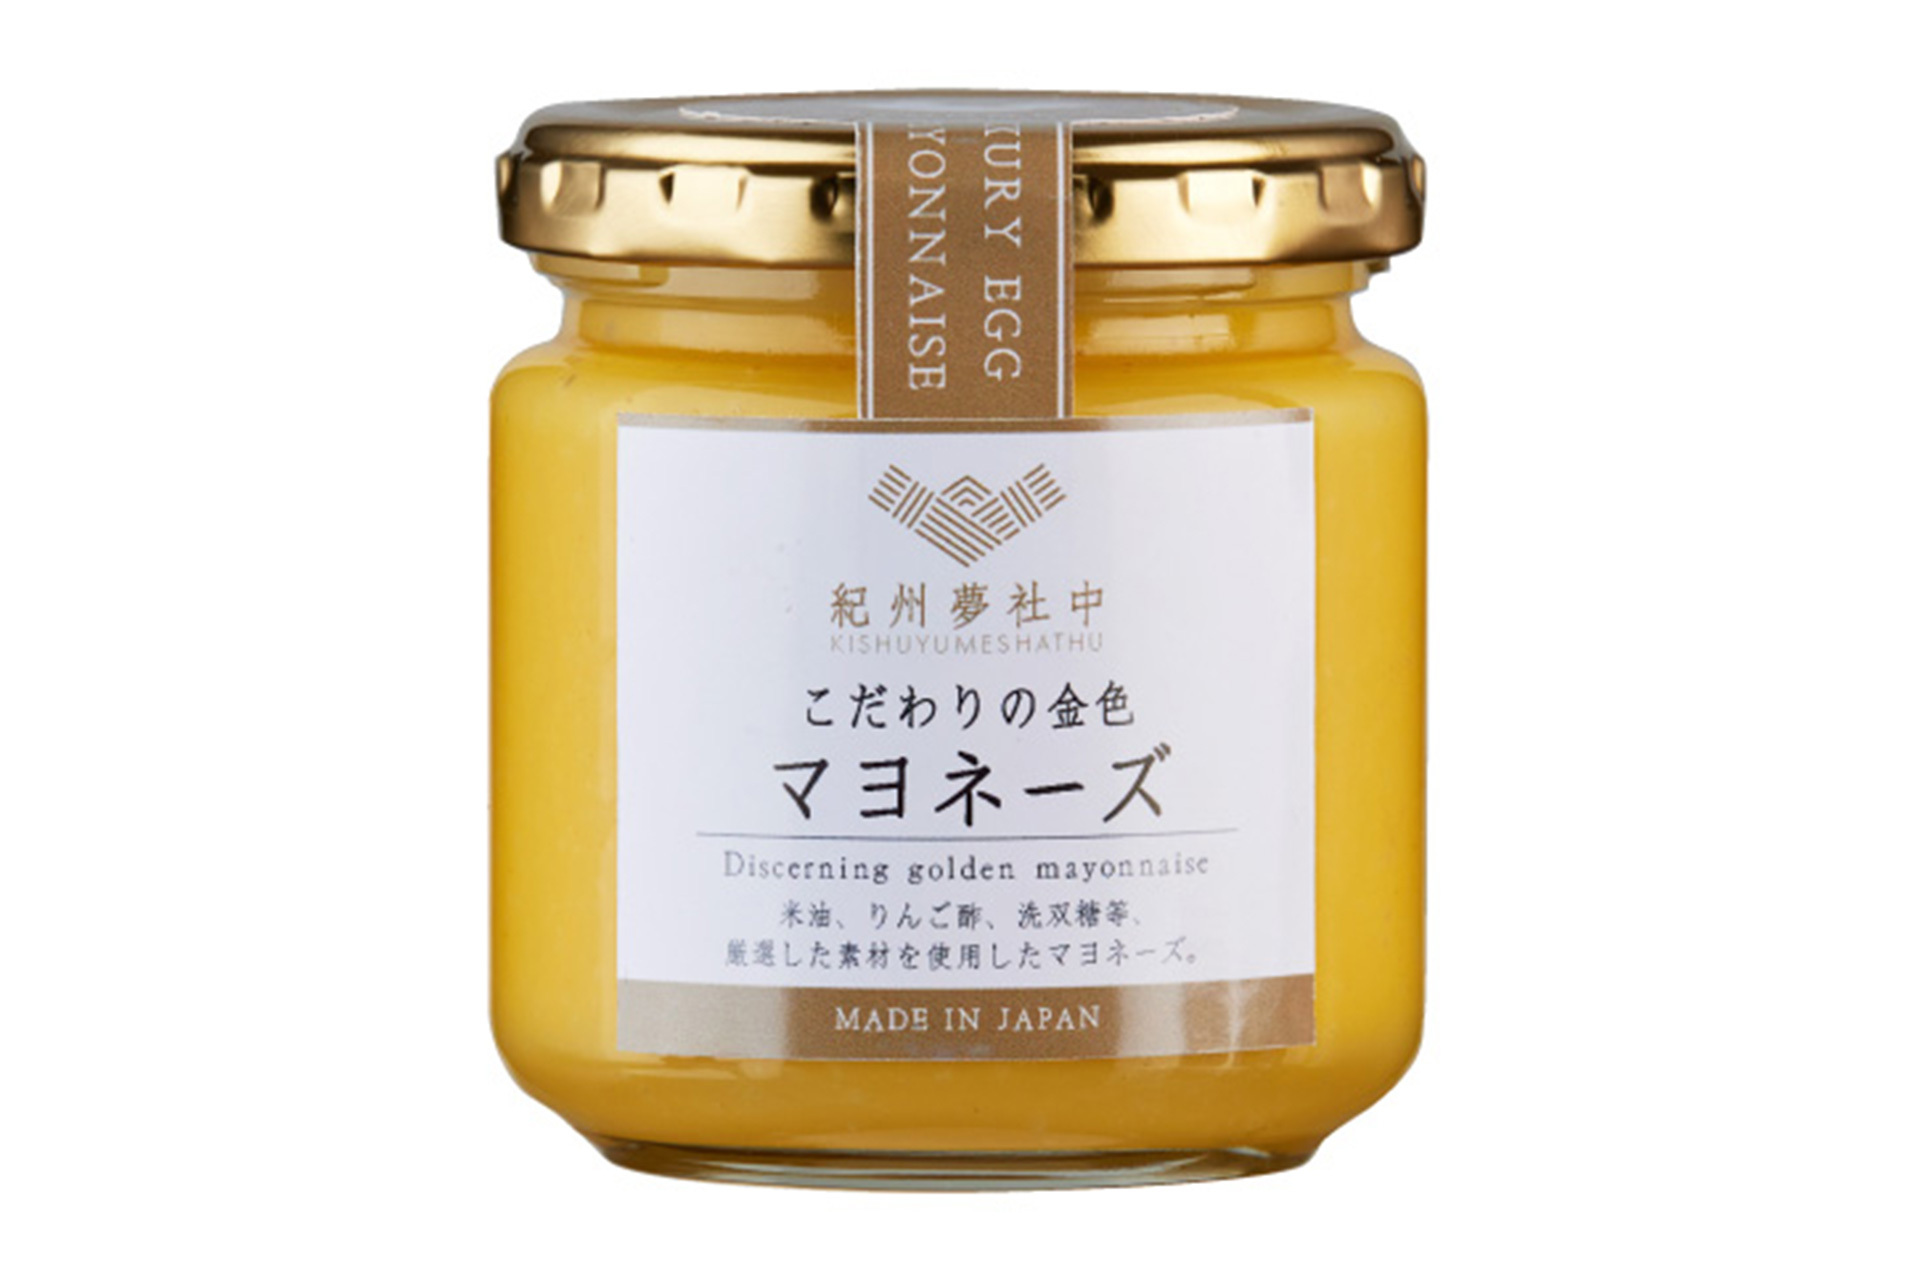 こだわりの金色マヨネーズ【簡易包装】